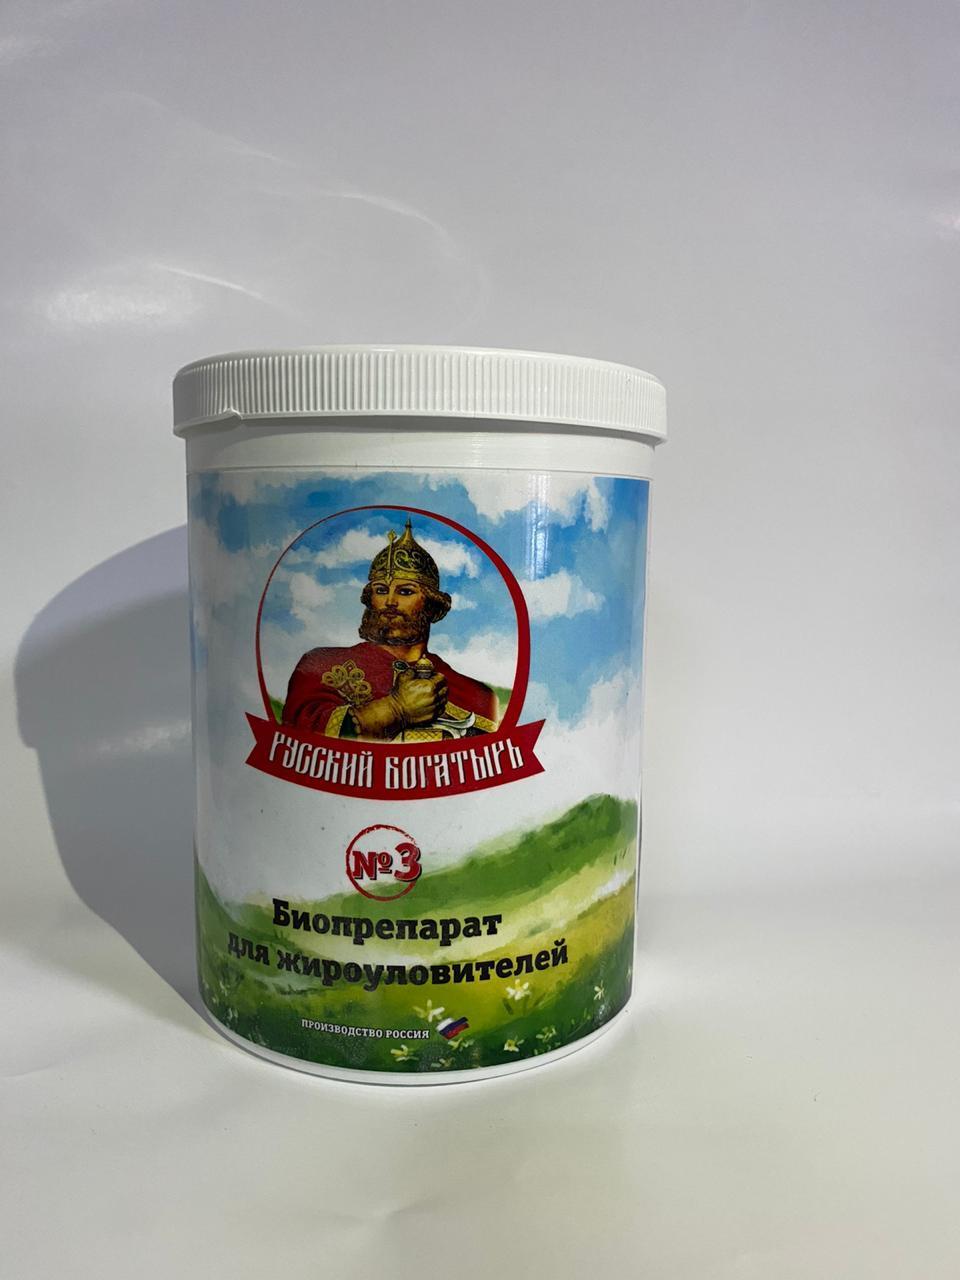 Биоактиватор для жироуловителей Русский богатырь №3 1 кг